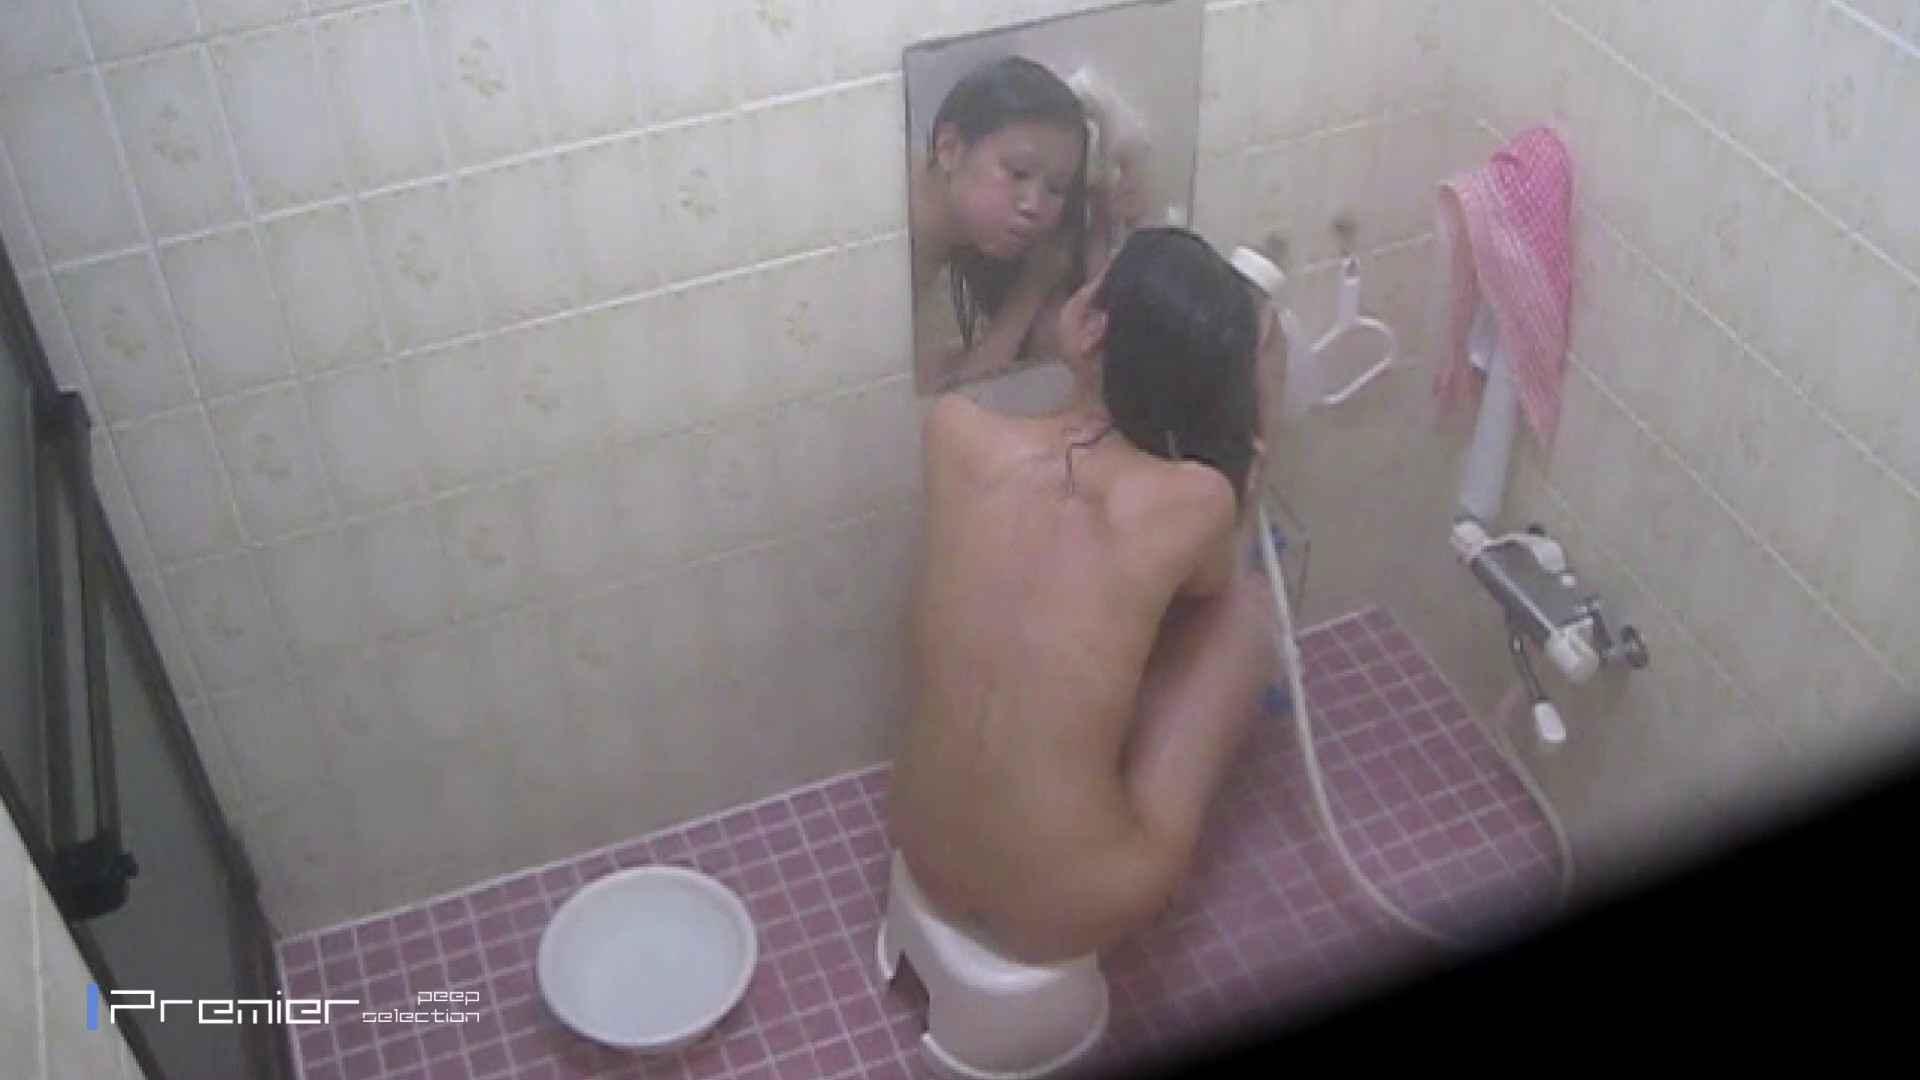 鏡に写る美女バレ盗撮 乙女の風呂場 Vol.10 投稿 AV動画キャプチャ 86画像 69